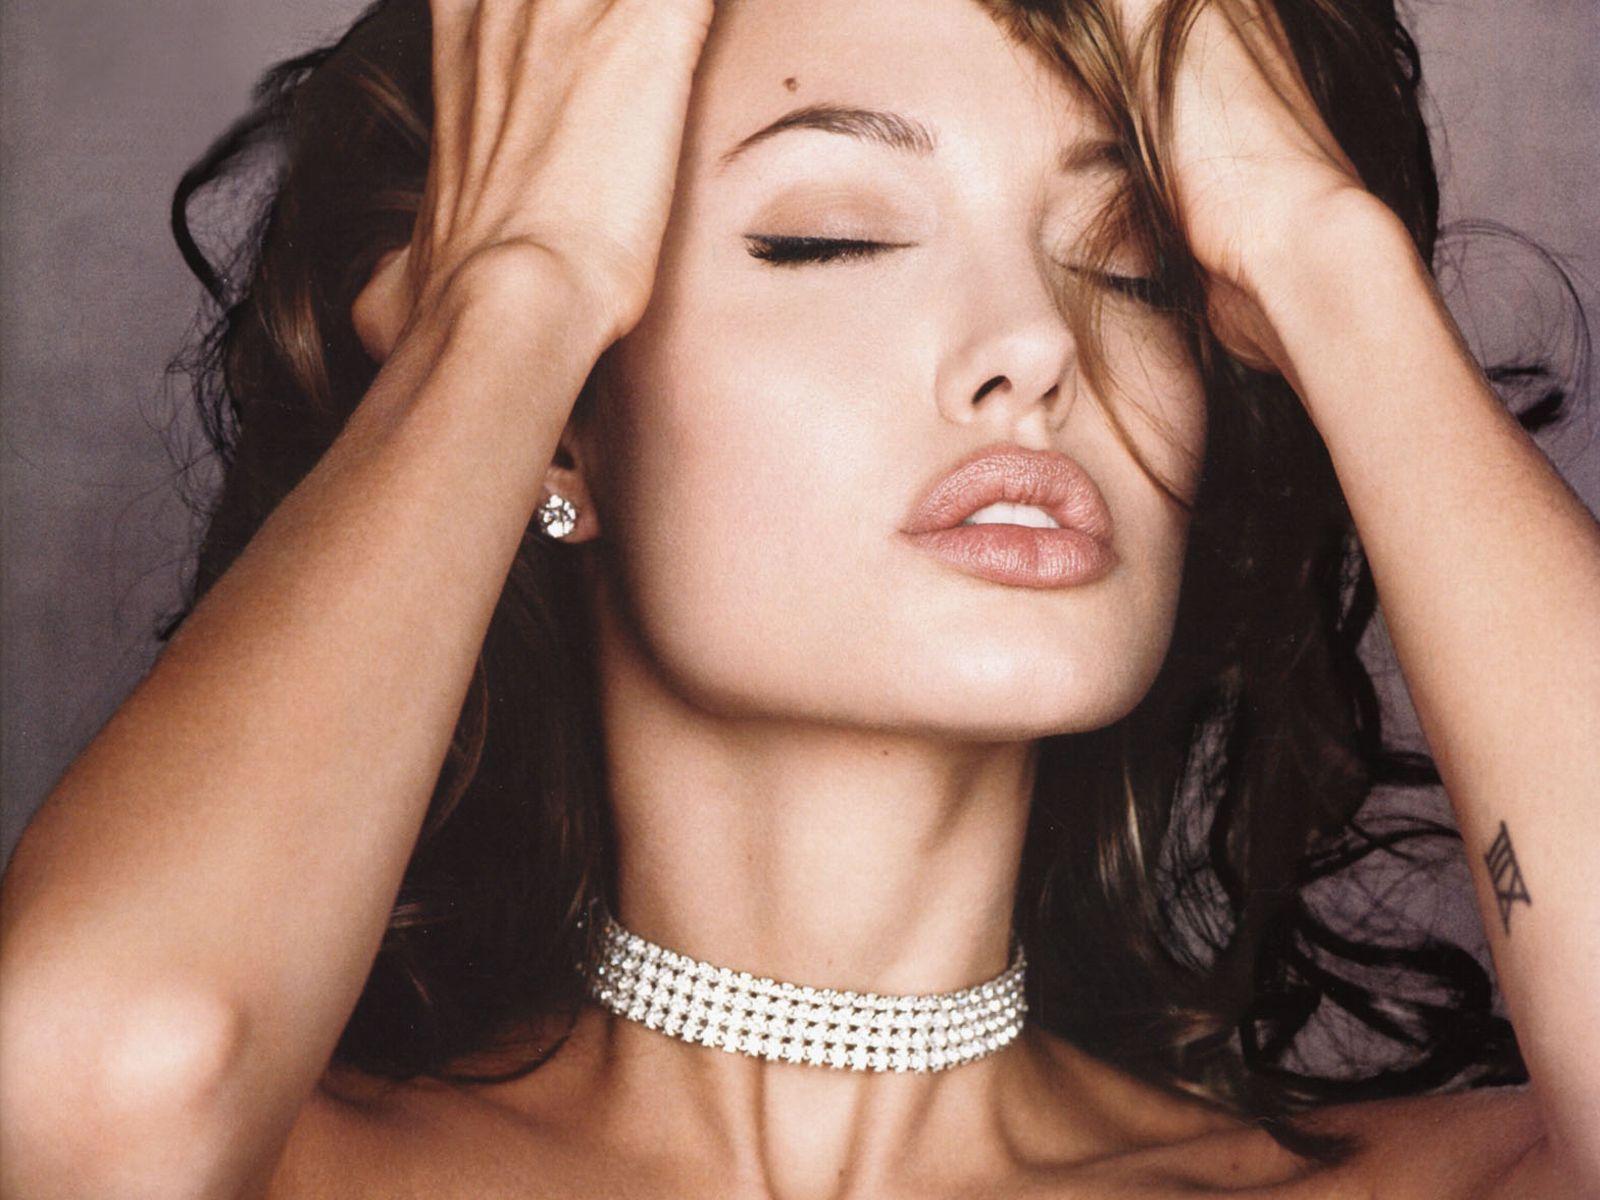 http://2.bp.blogspot.com/_HpoOSIg4IaY/TLSunOW88gI/AAAAAAAAA_o/RF-ENt15p-w/s1600/Angelina-20Jolie-20206.jpg